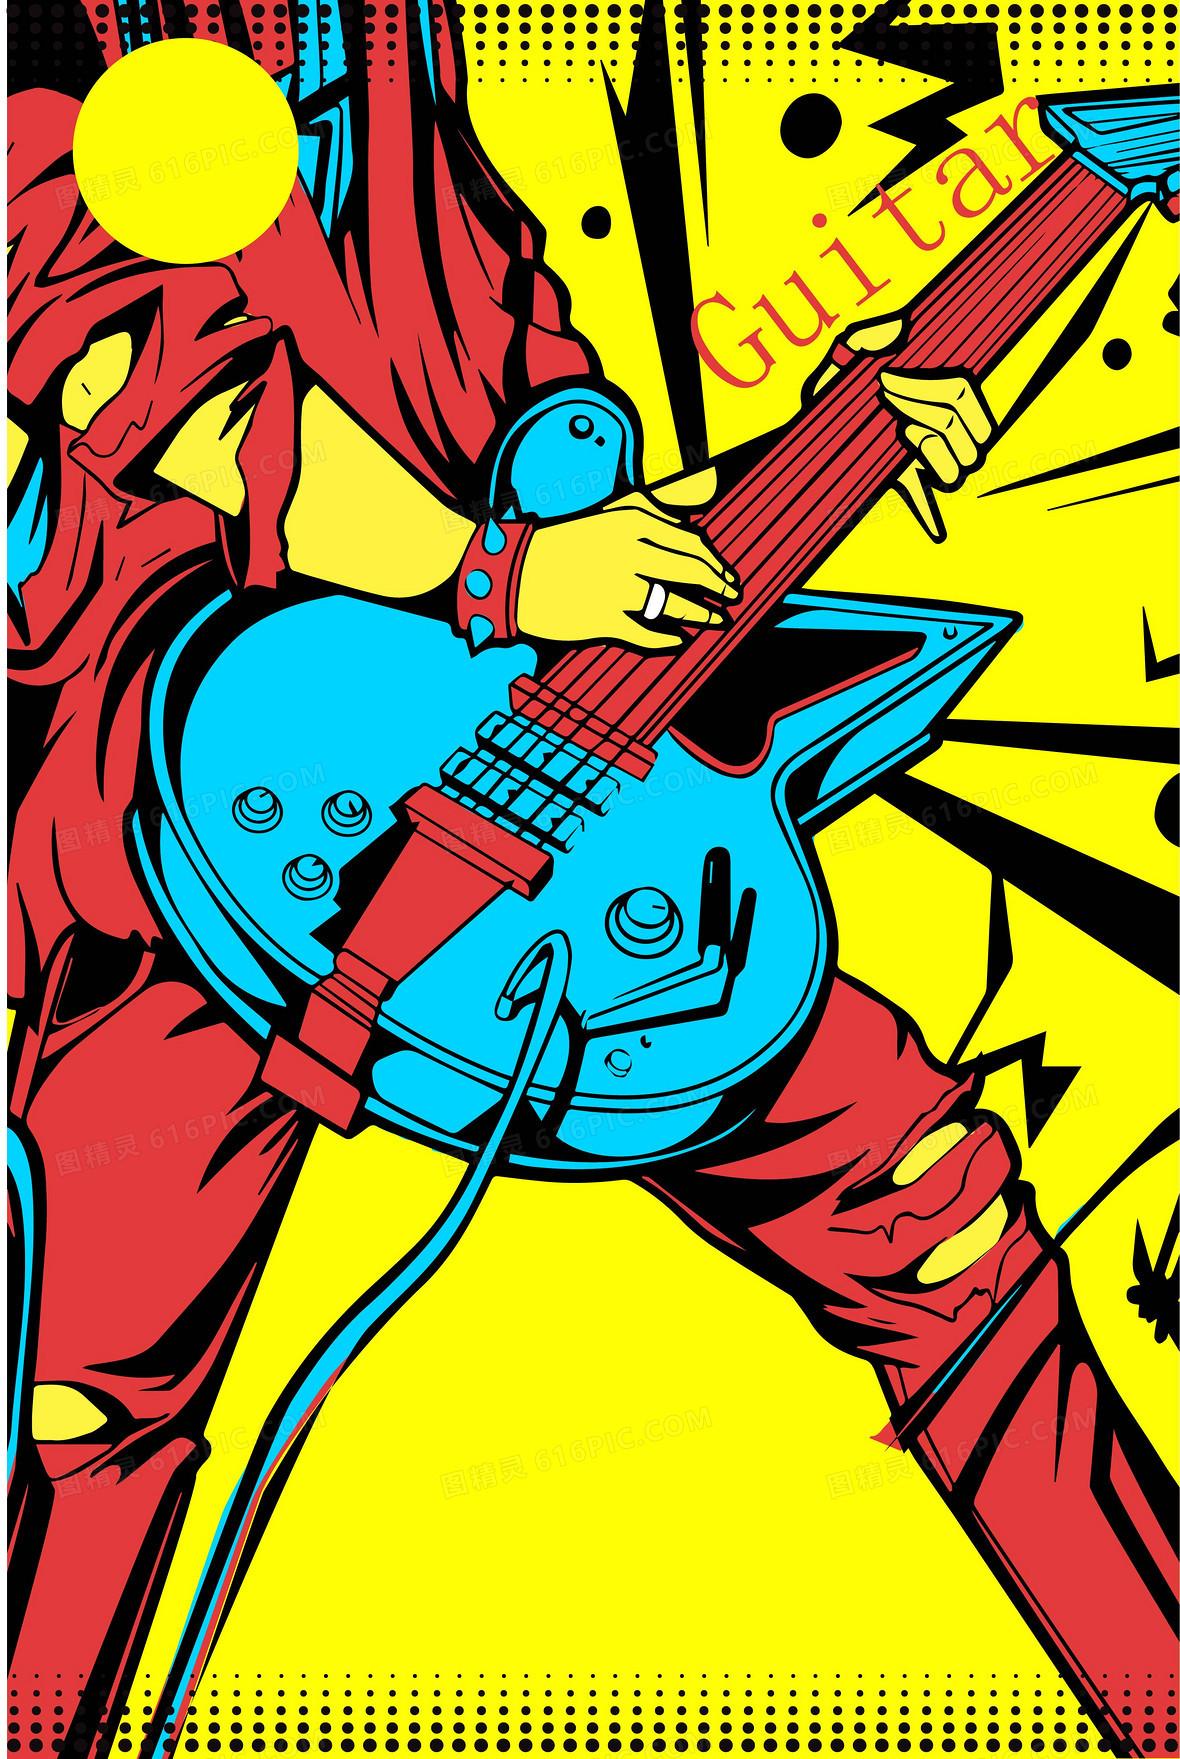 波普风格吉他培训班招生海报背景模板